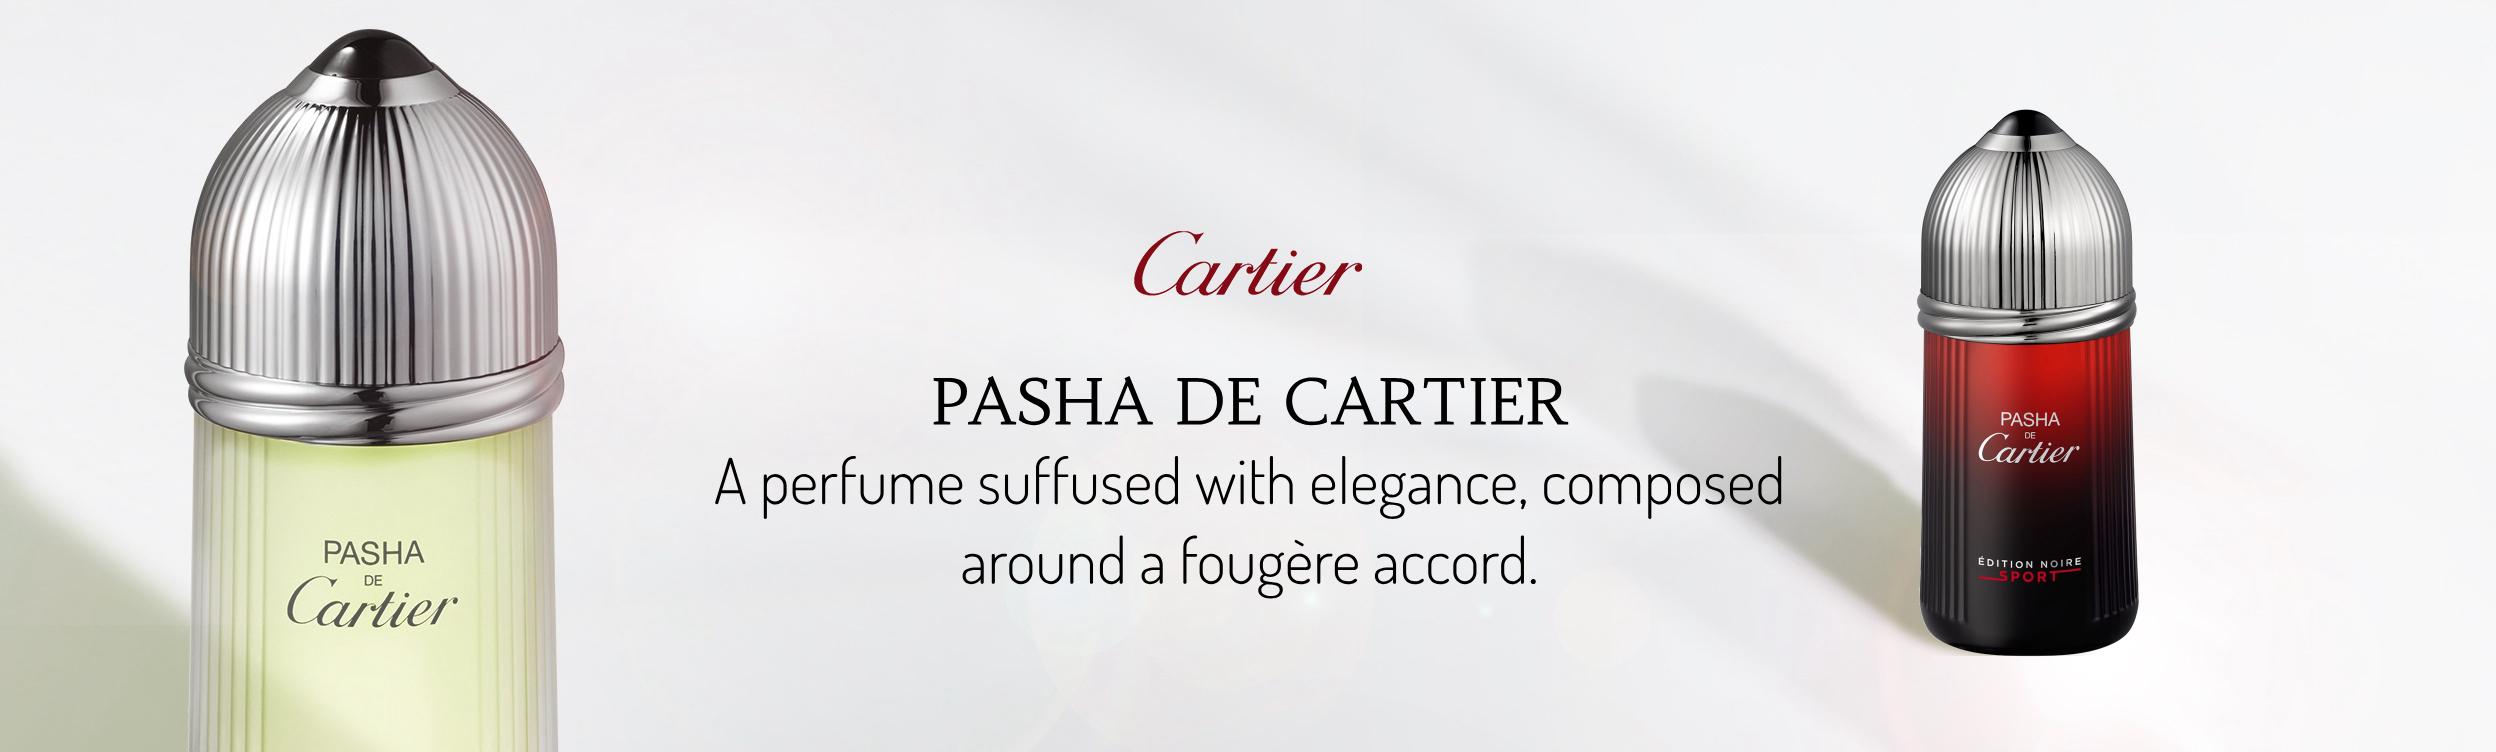 ce0ec607848 Cartier Pasha De Edition Noire Eau de Toilette - 100 ml — Mahhalcom